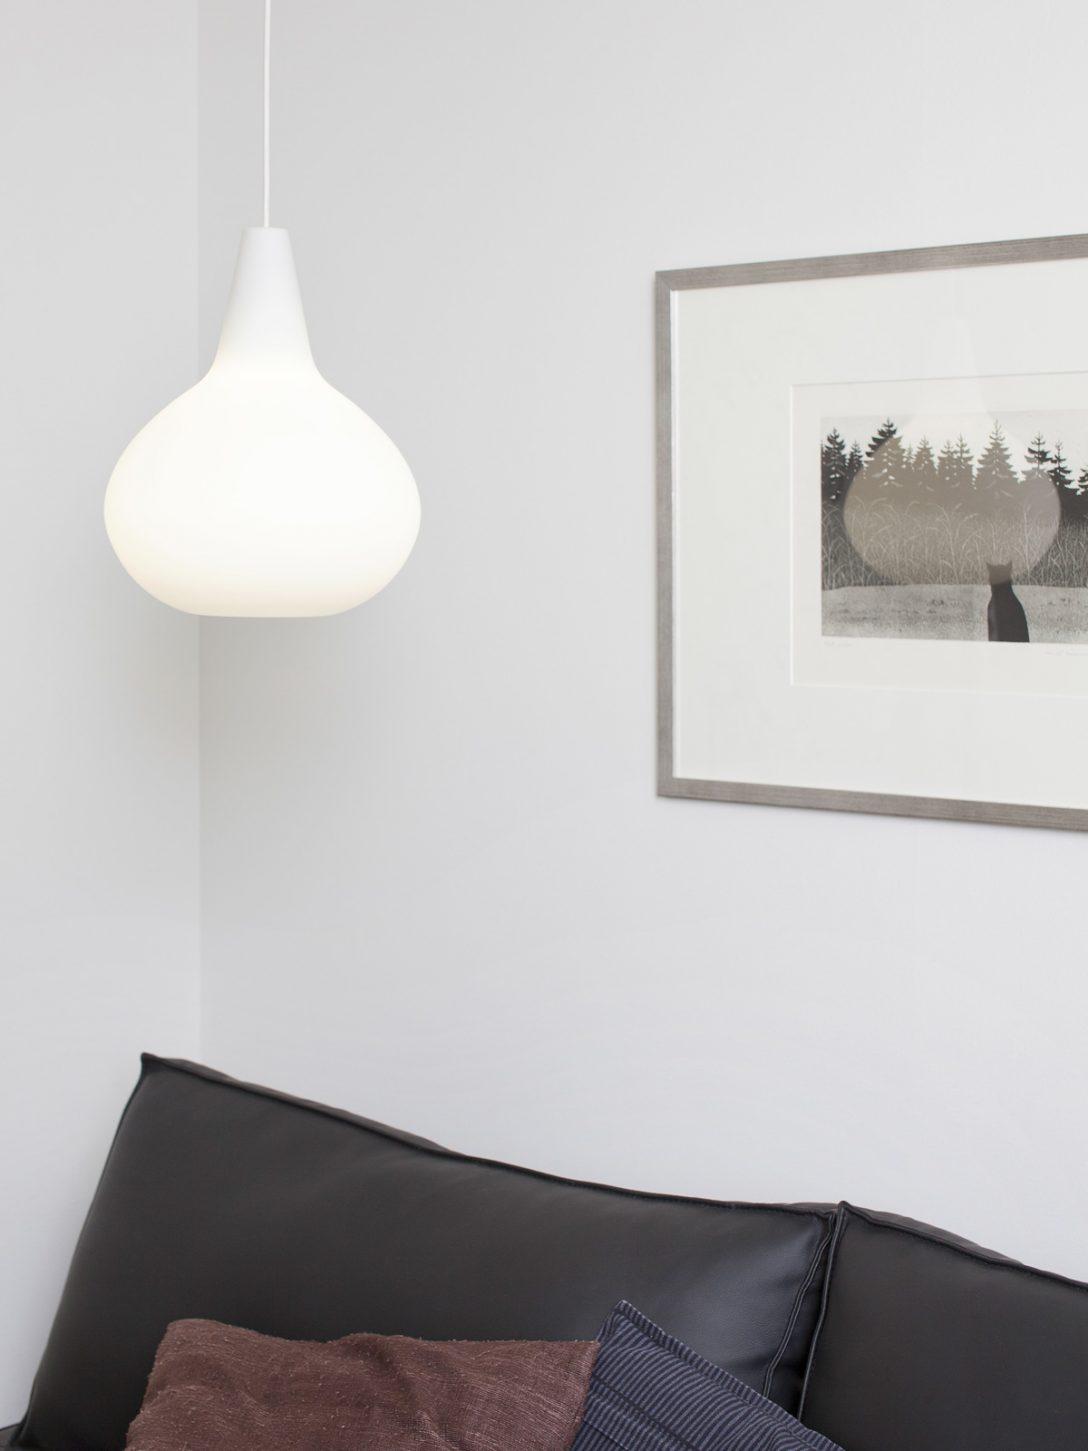 Large Size of Moderne Lampen Designwelt Von Innoludesignortcom Bad Led Modernes Sofa Bilder Fürs Wohnzimmer Designer Esstisch Stehlampen Landhausküche Bett 180x200 Wohnzimmer Moderne Lampen